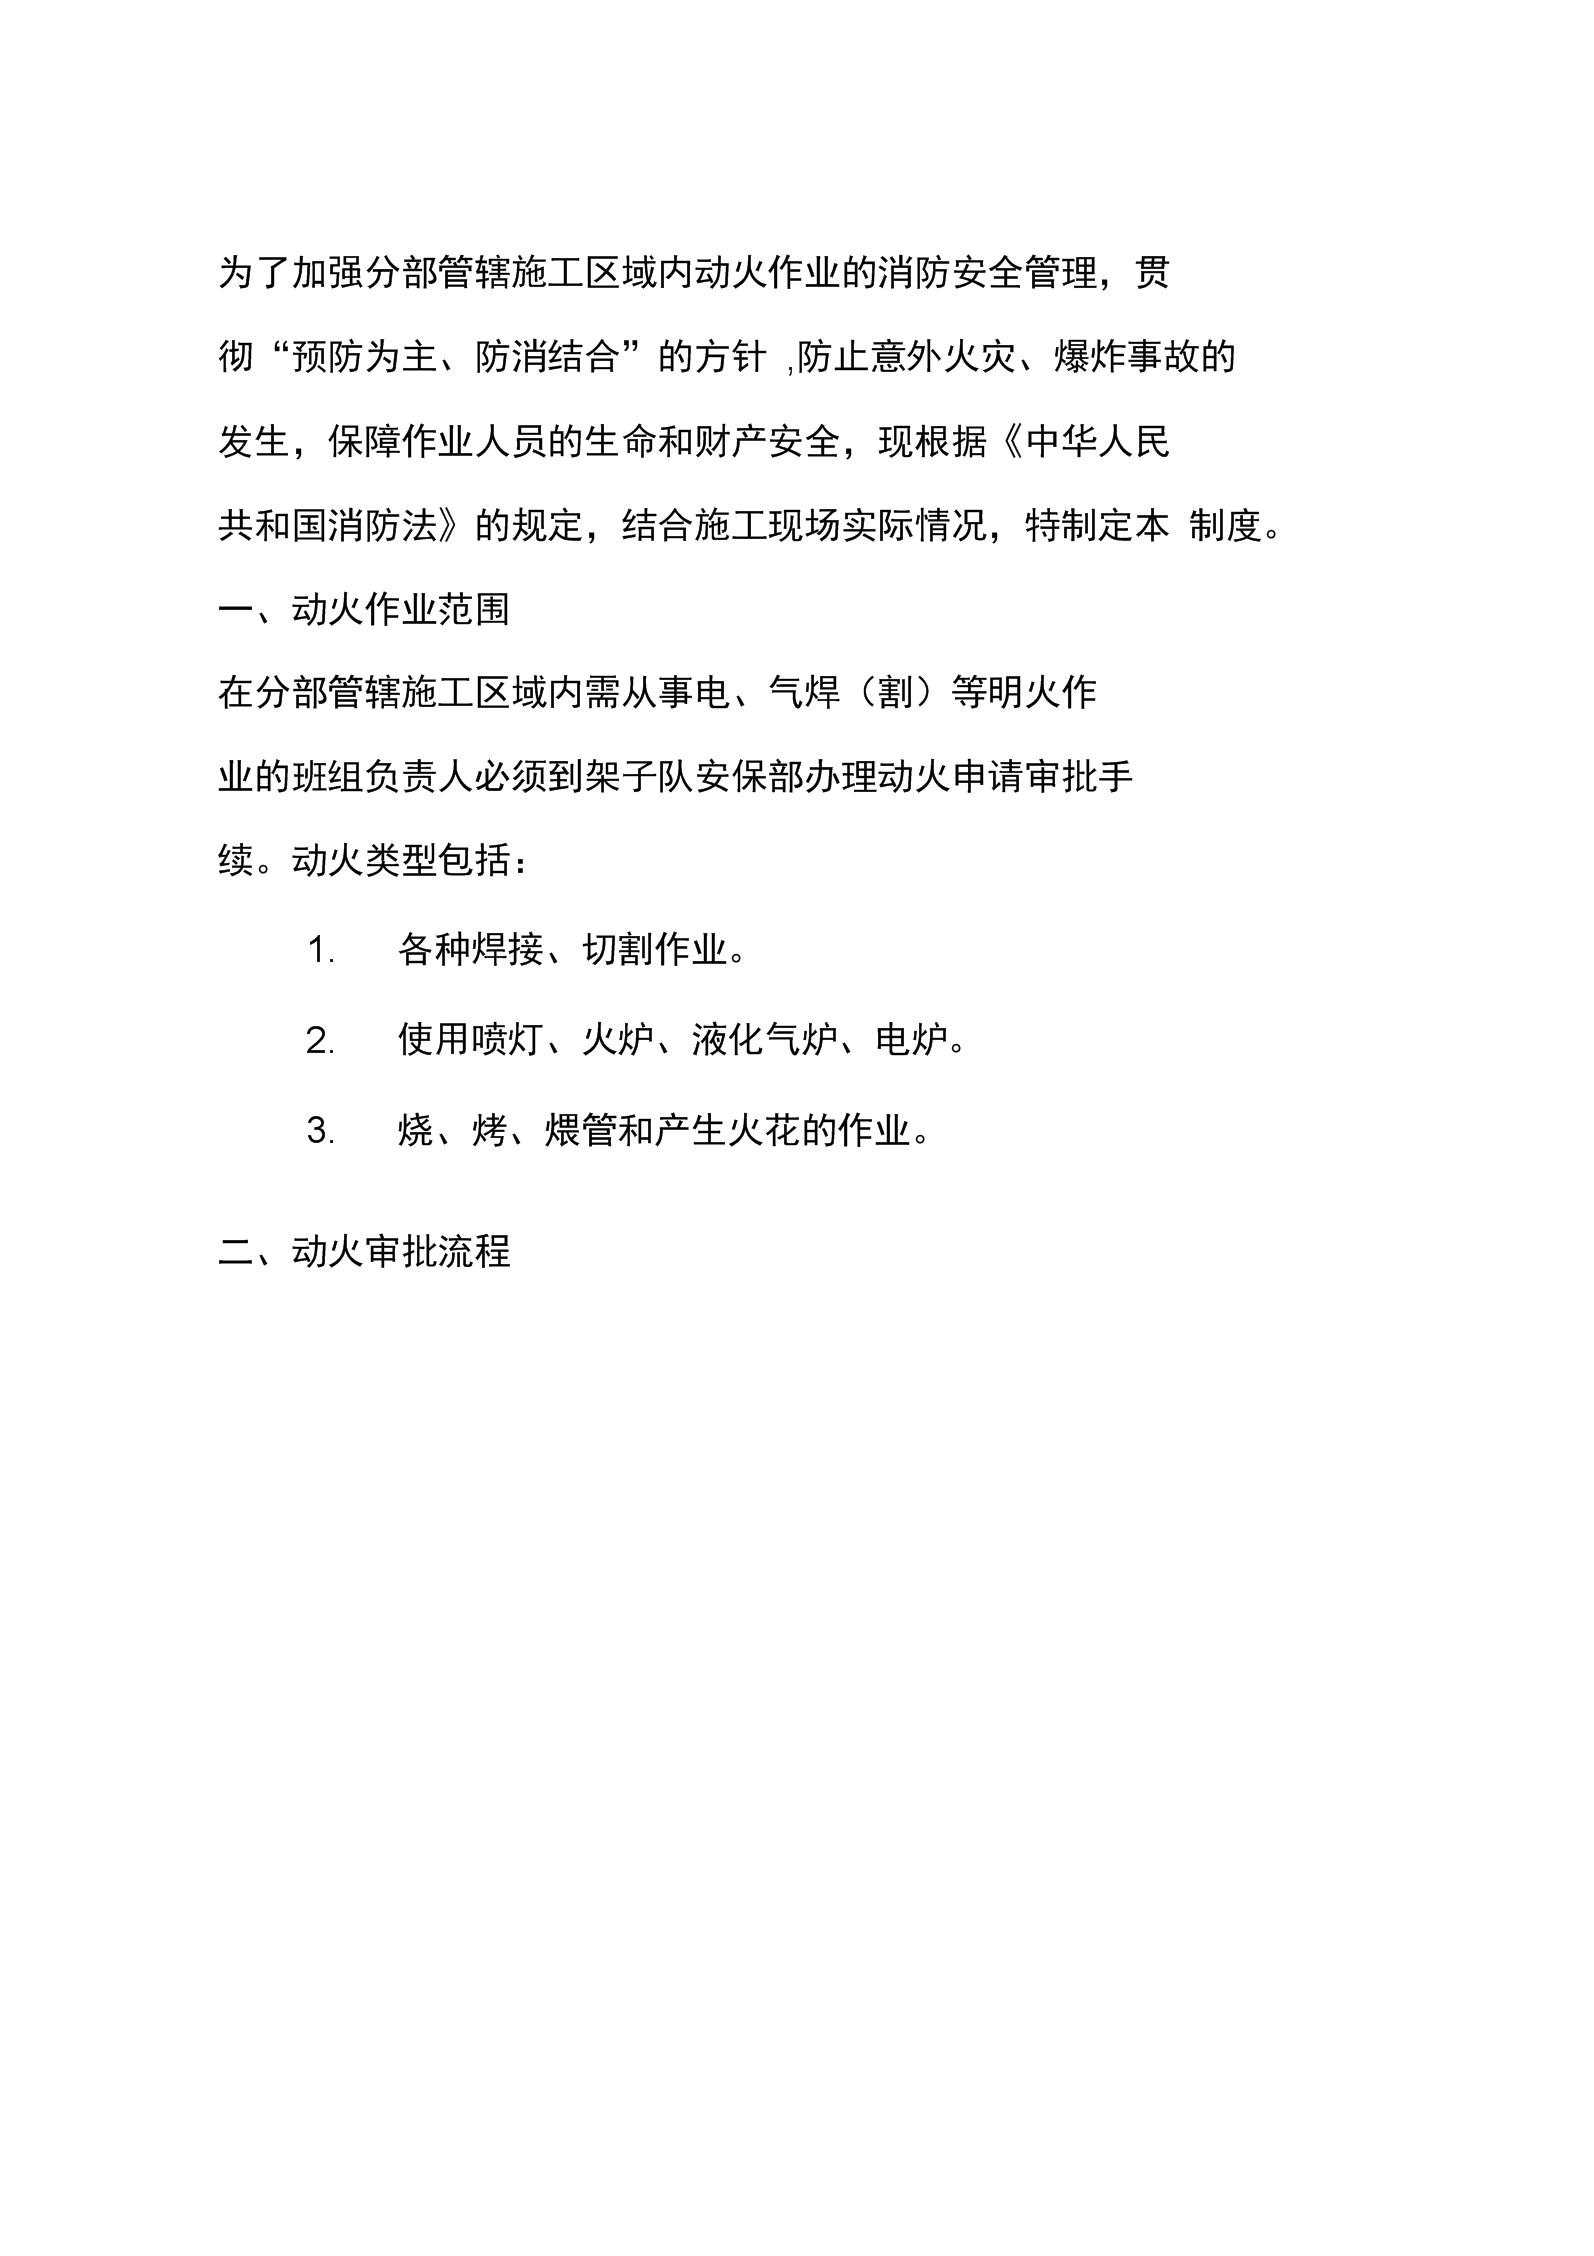 分部动火作业管理制度.docx